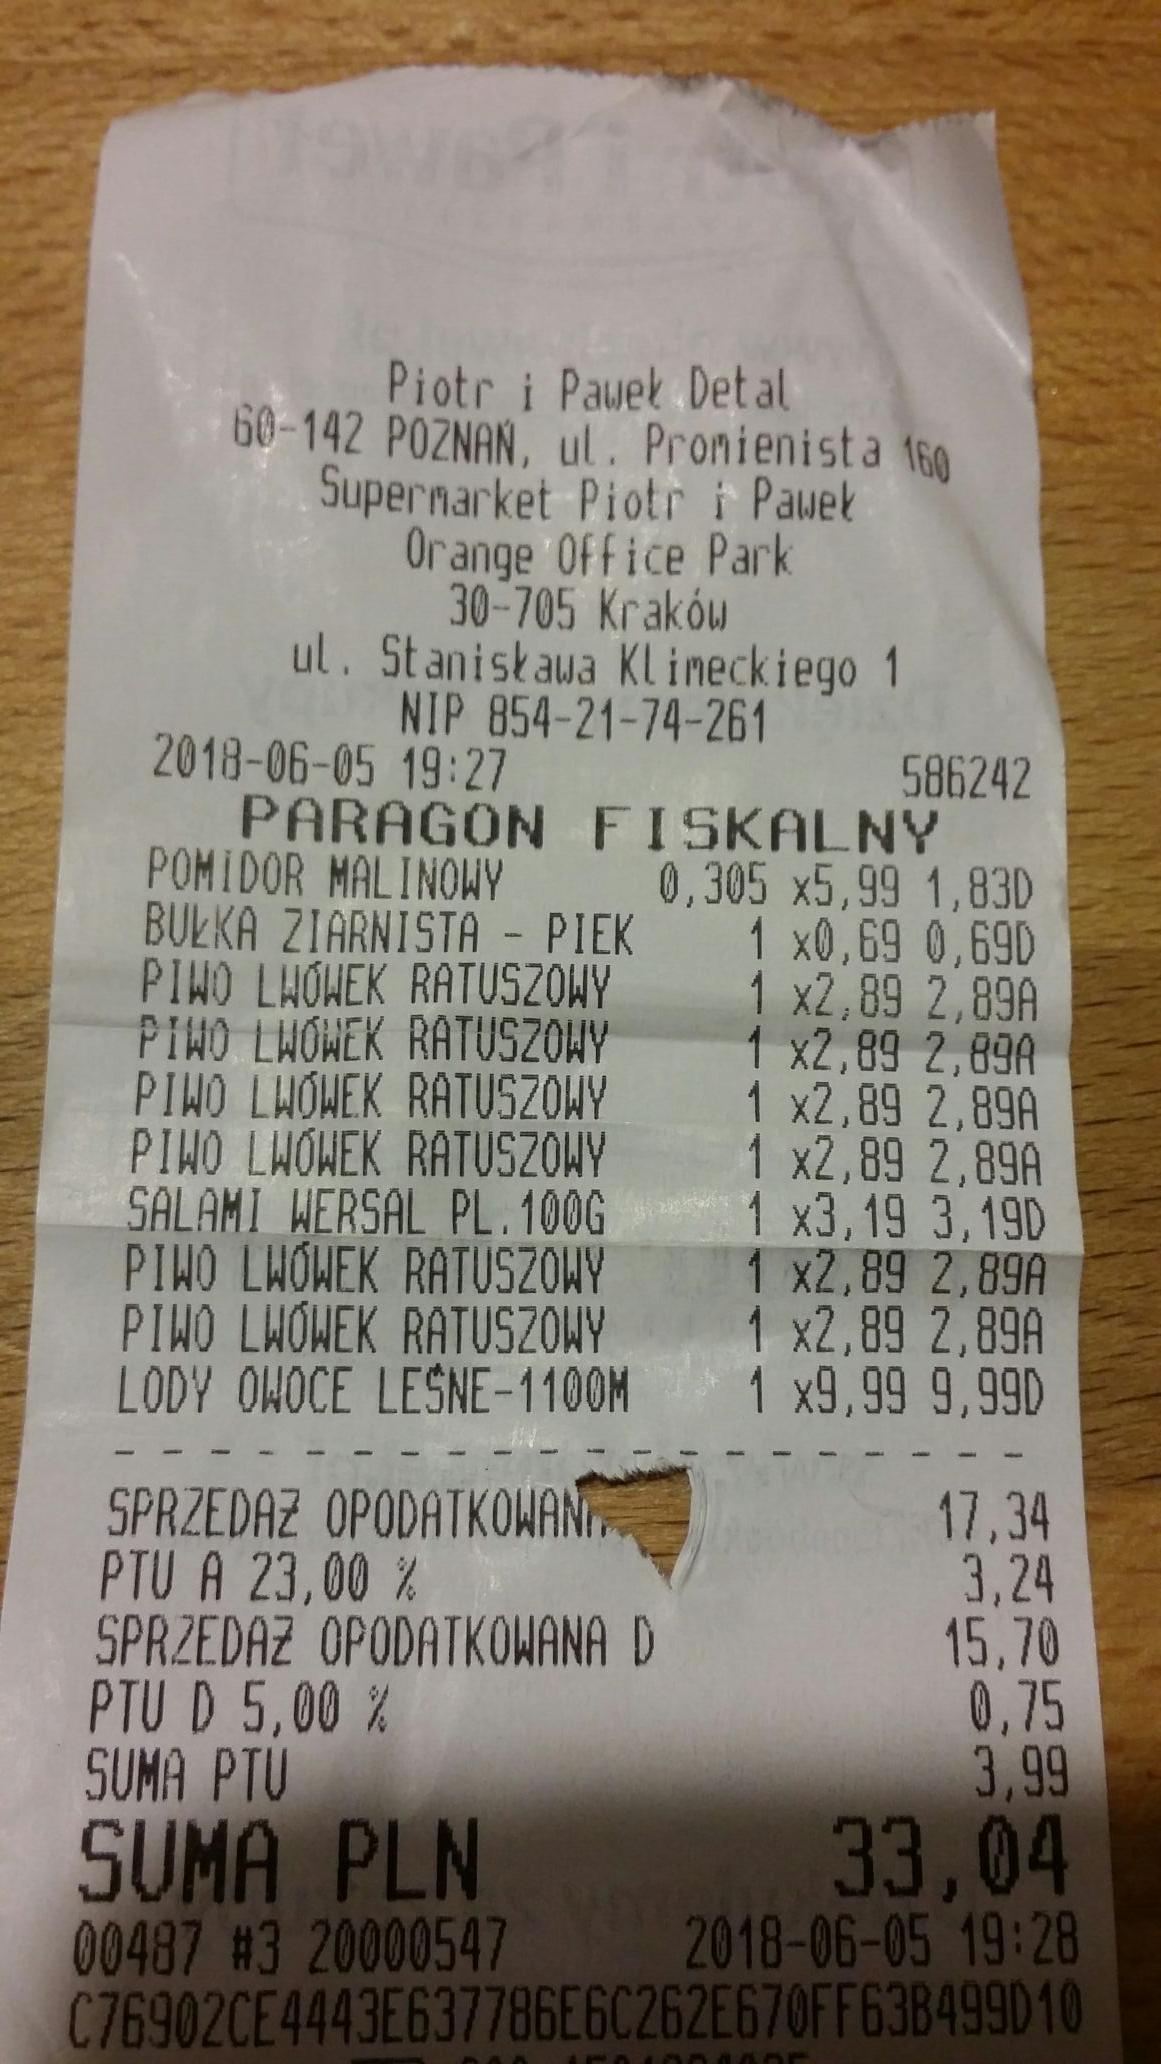 Grycan Lody 1100ml Piotr i Pawel